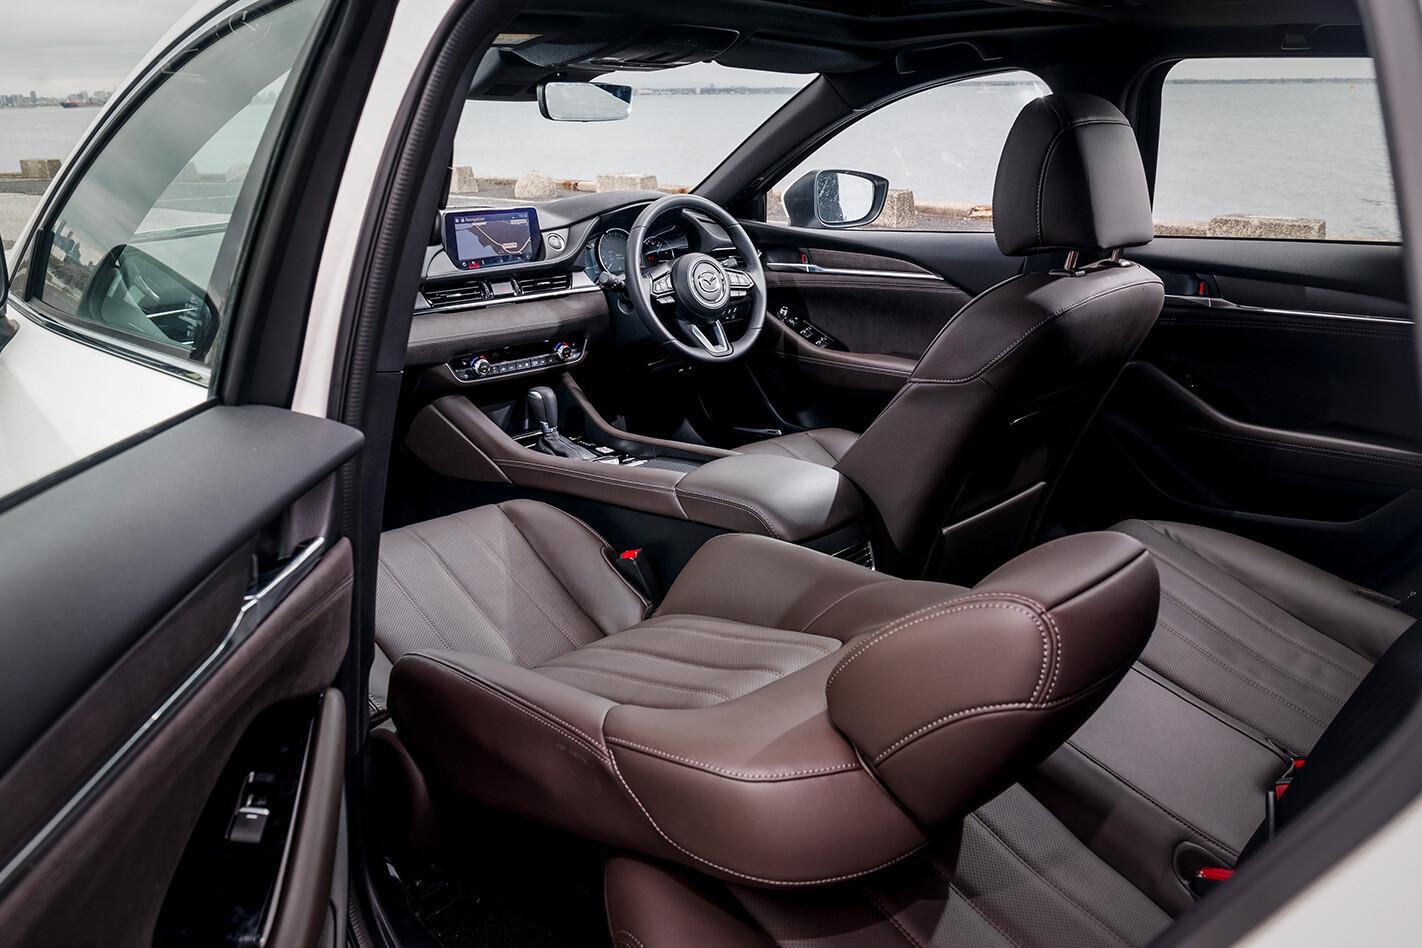 2019 Mazda 6 Atenza wagon